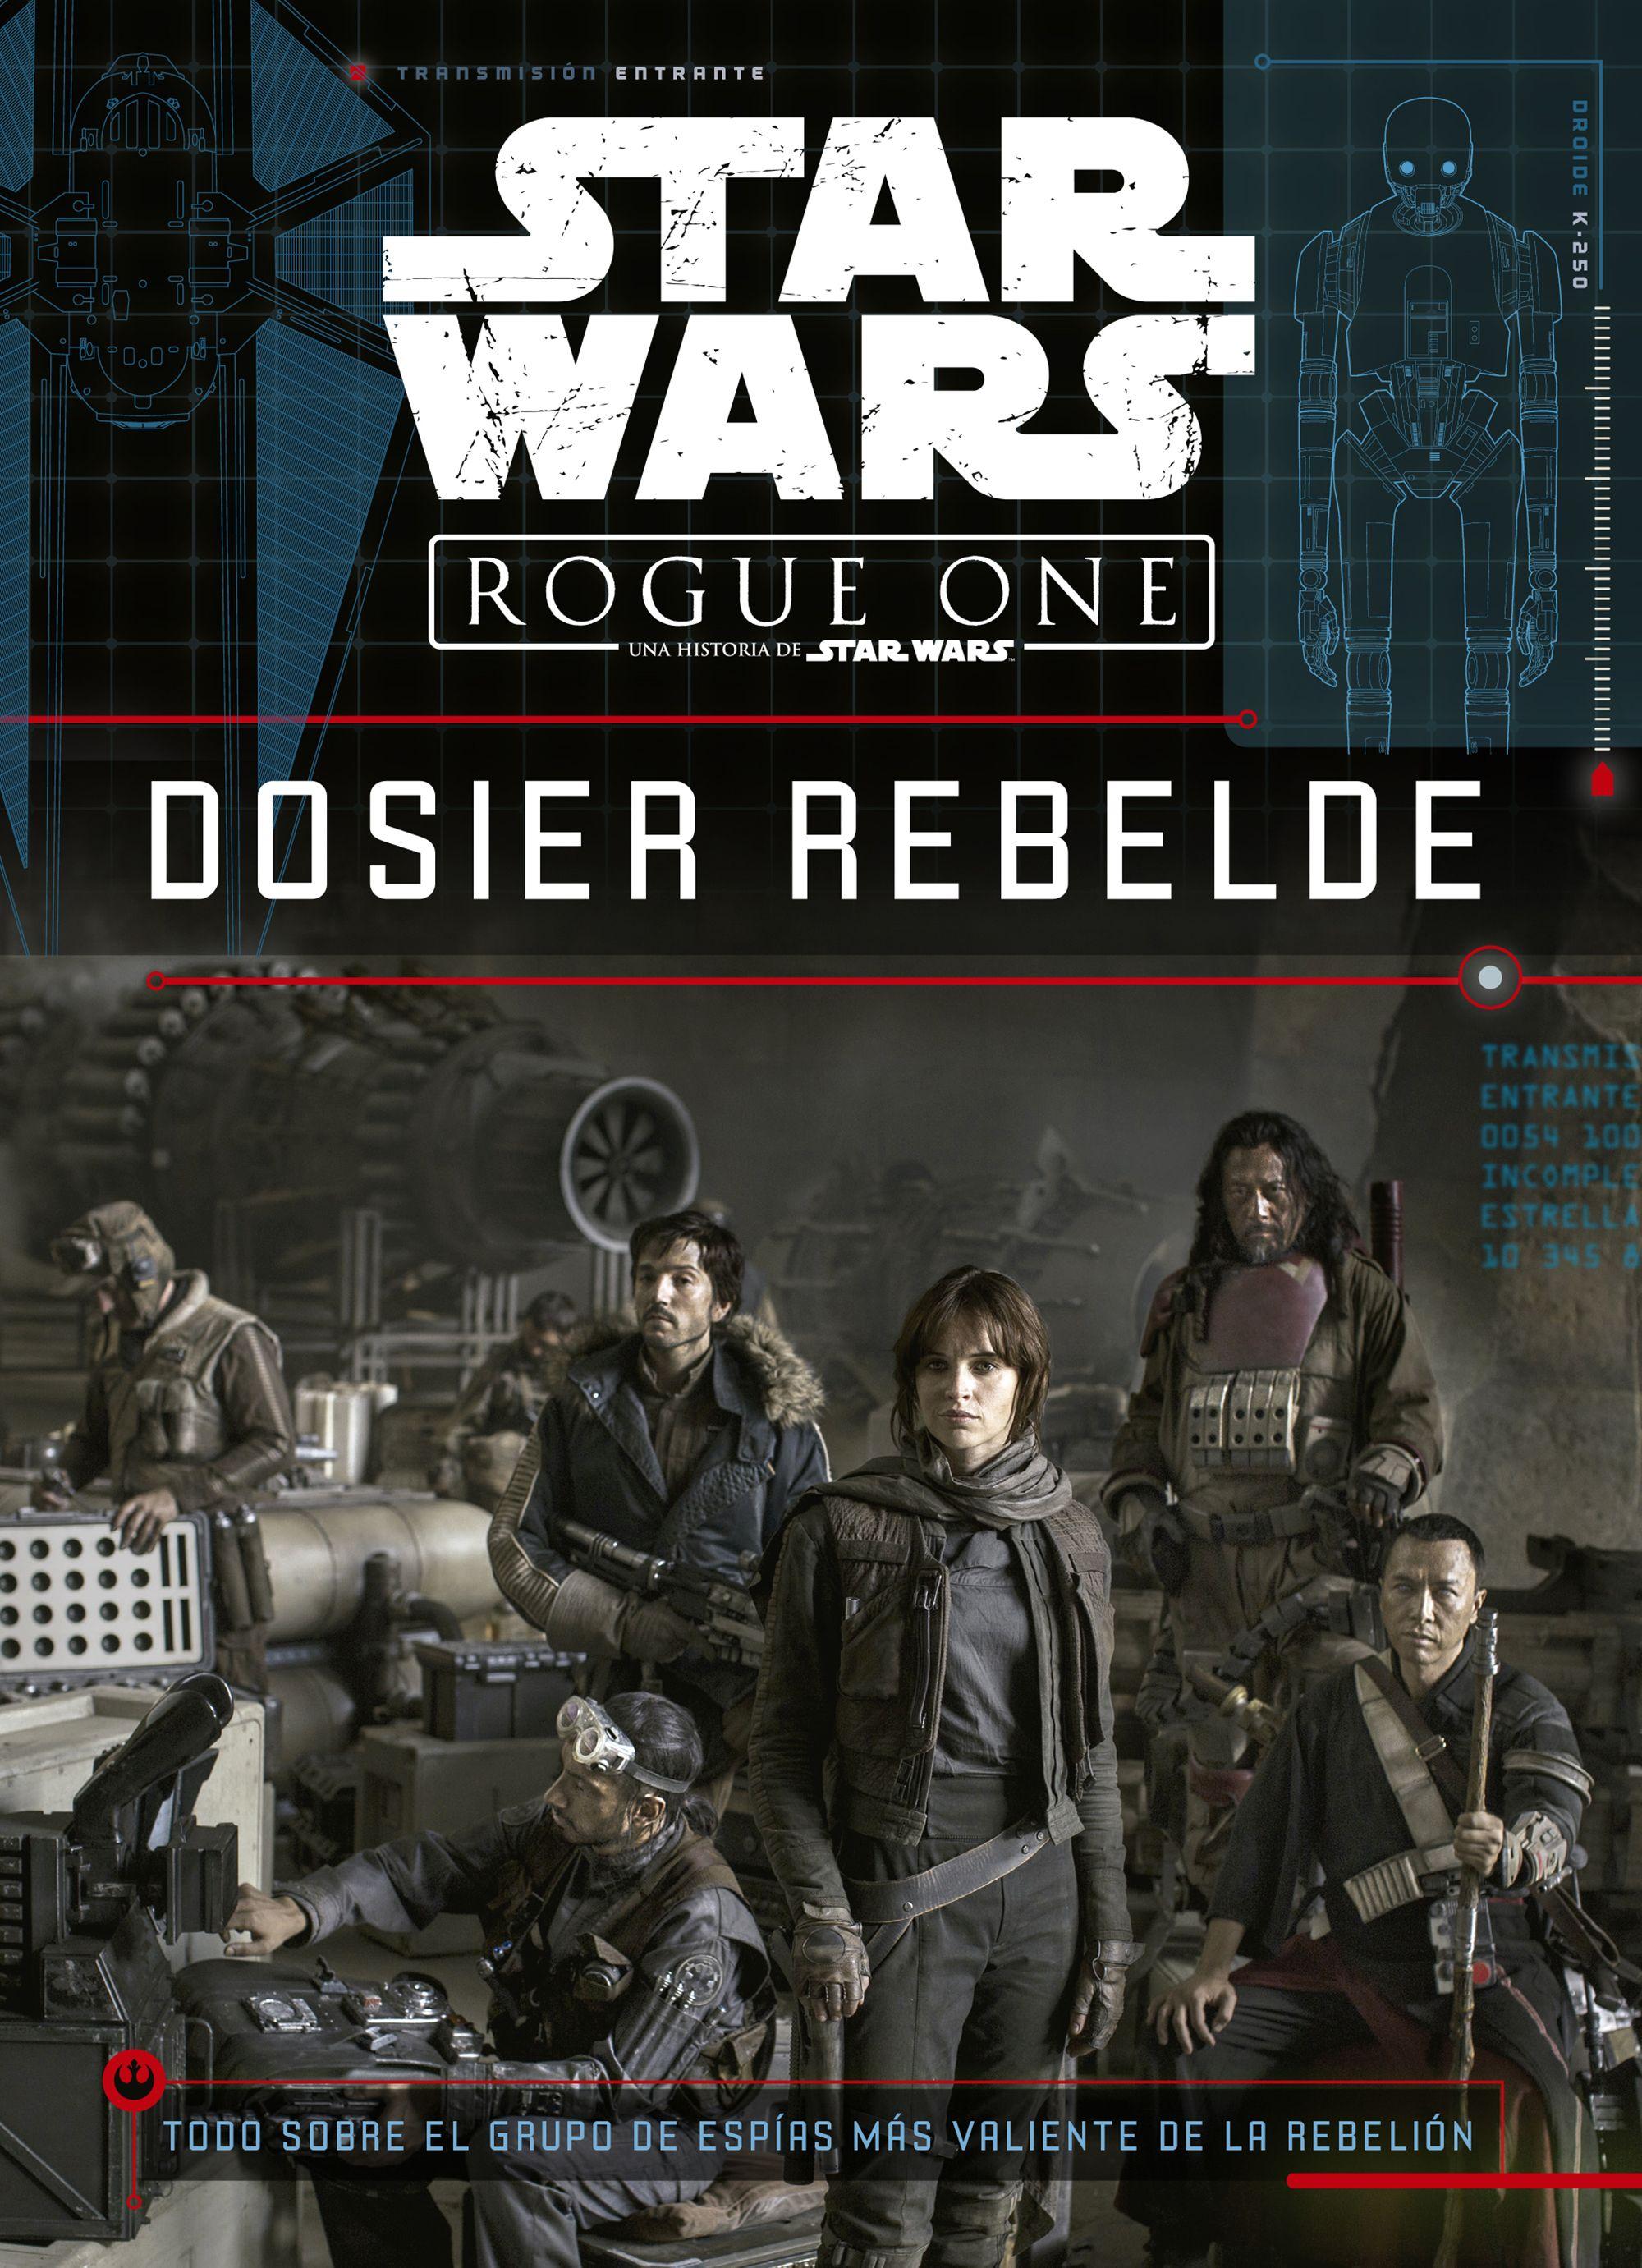 Star Wars: Rogue One: Dosier Rebelde